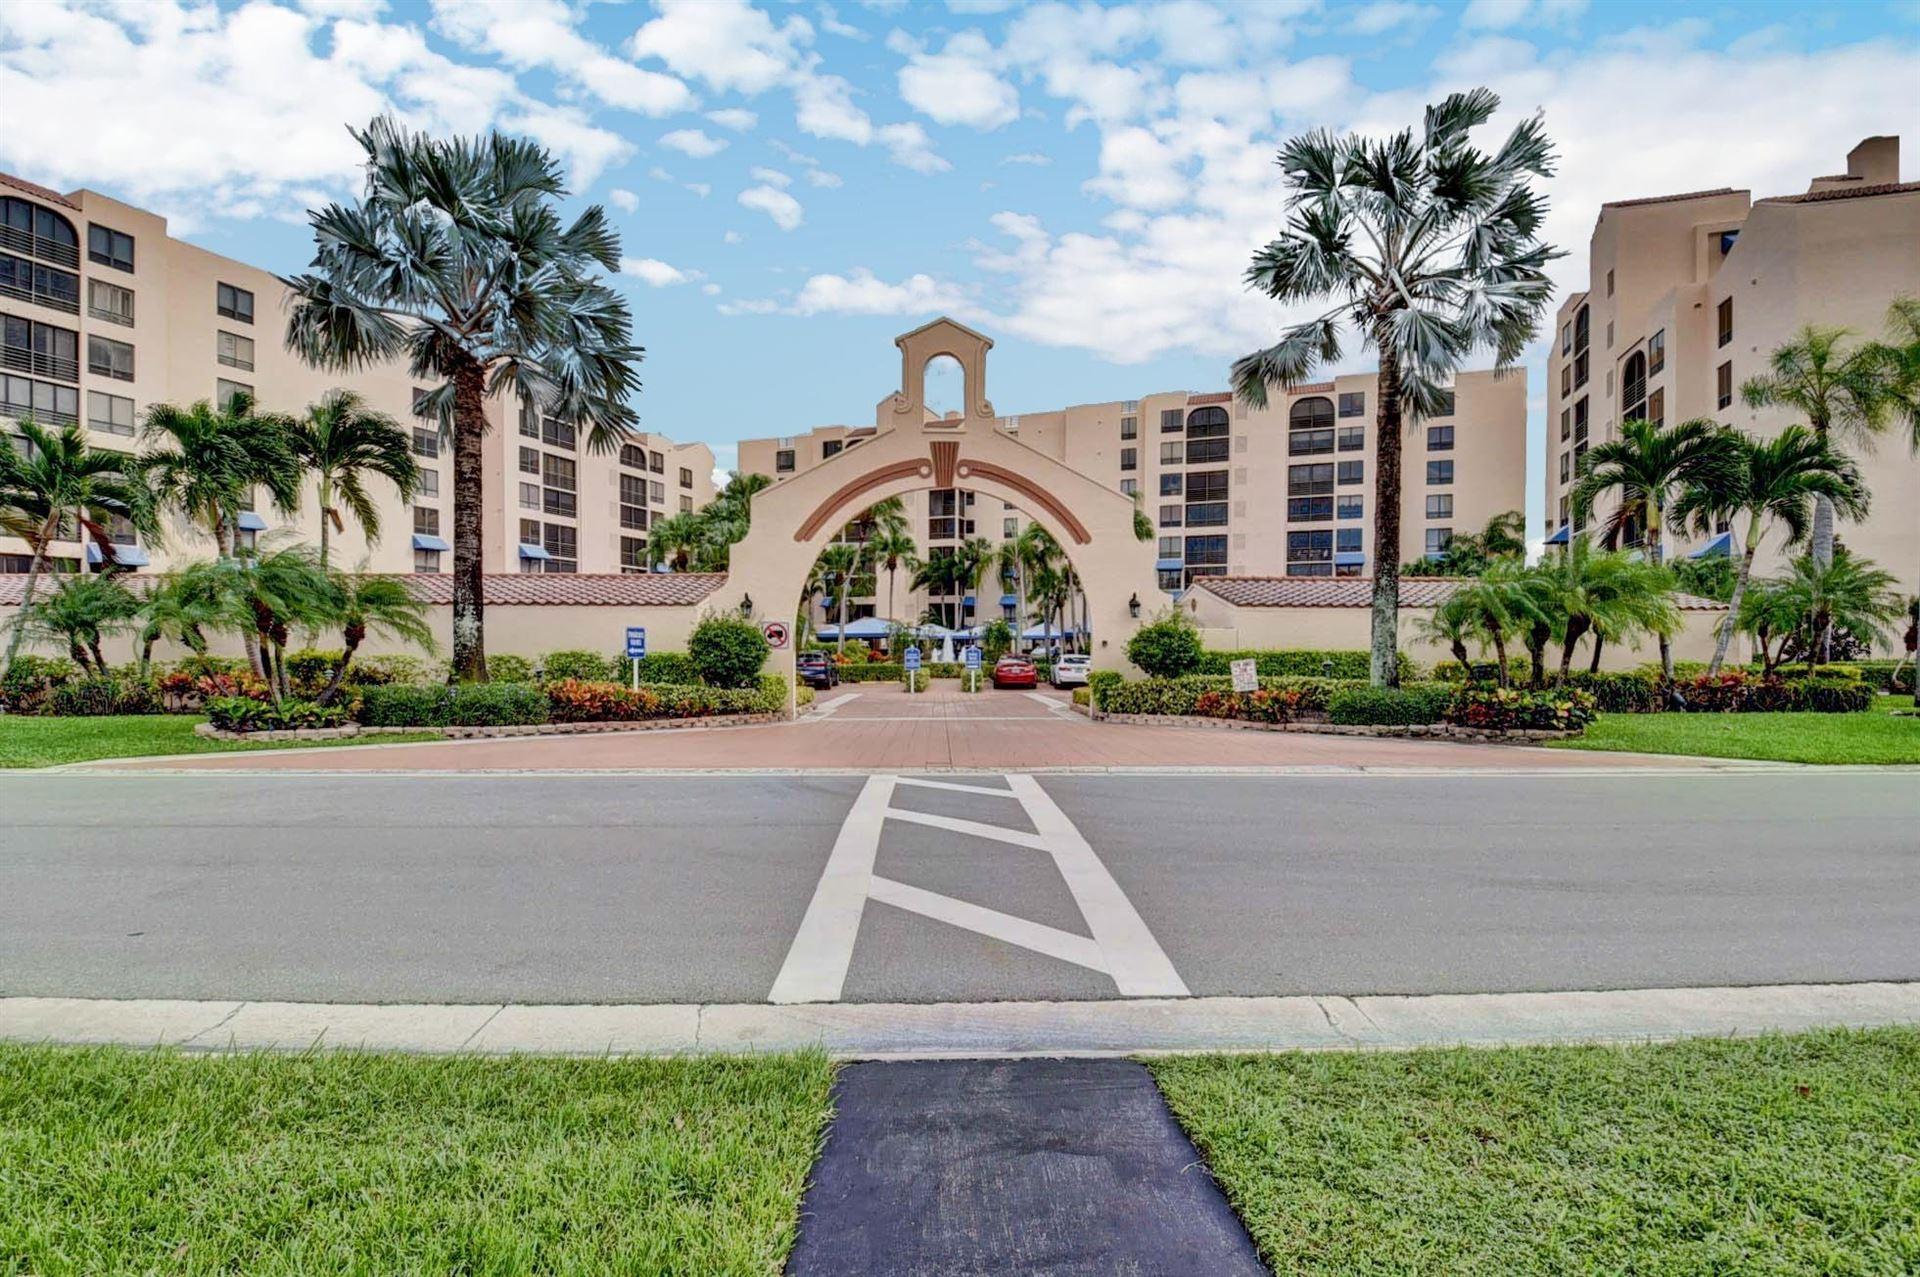 7202 Promenade Drive #201, Boca Raton, FL 33433 - #: RX-10672608